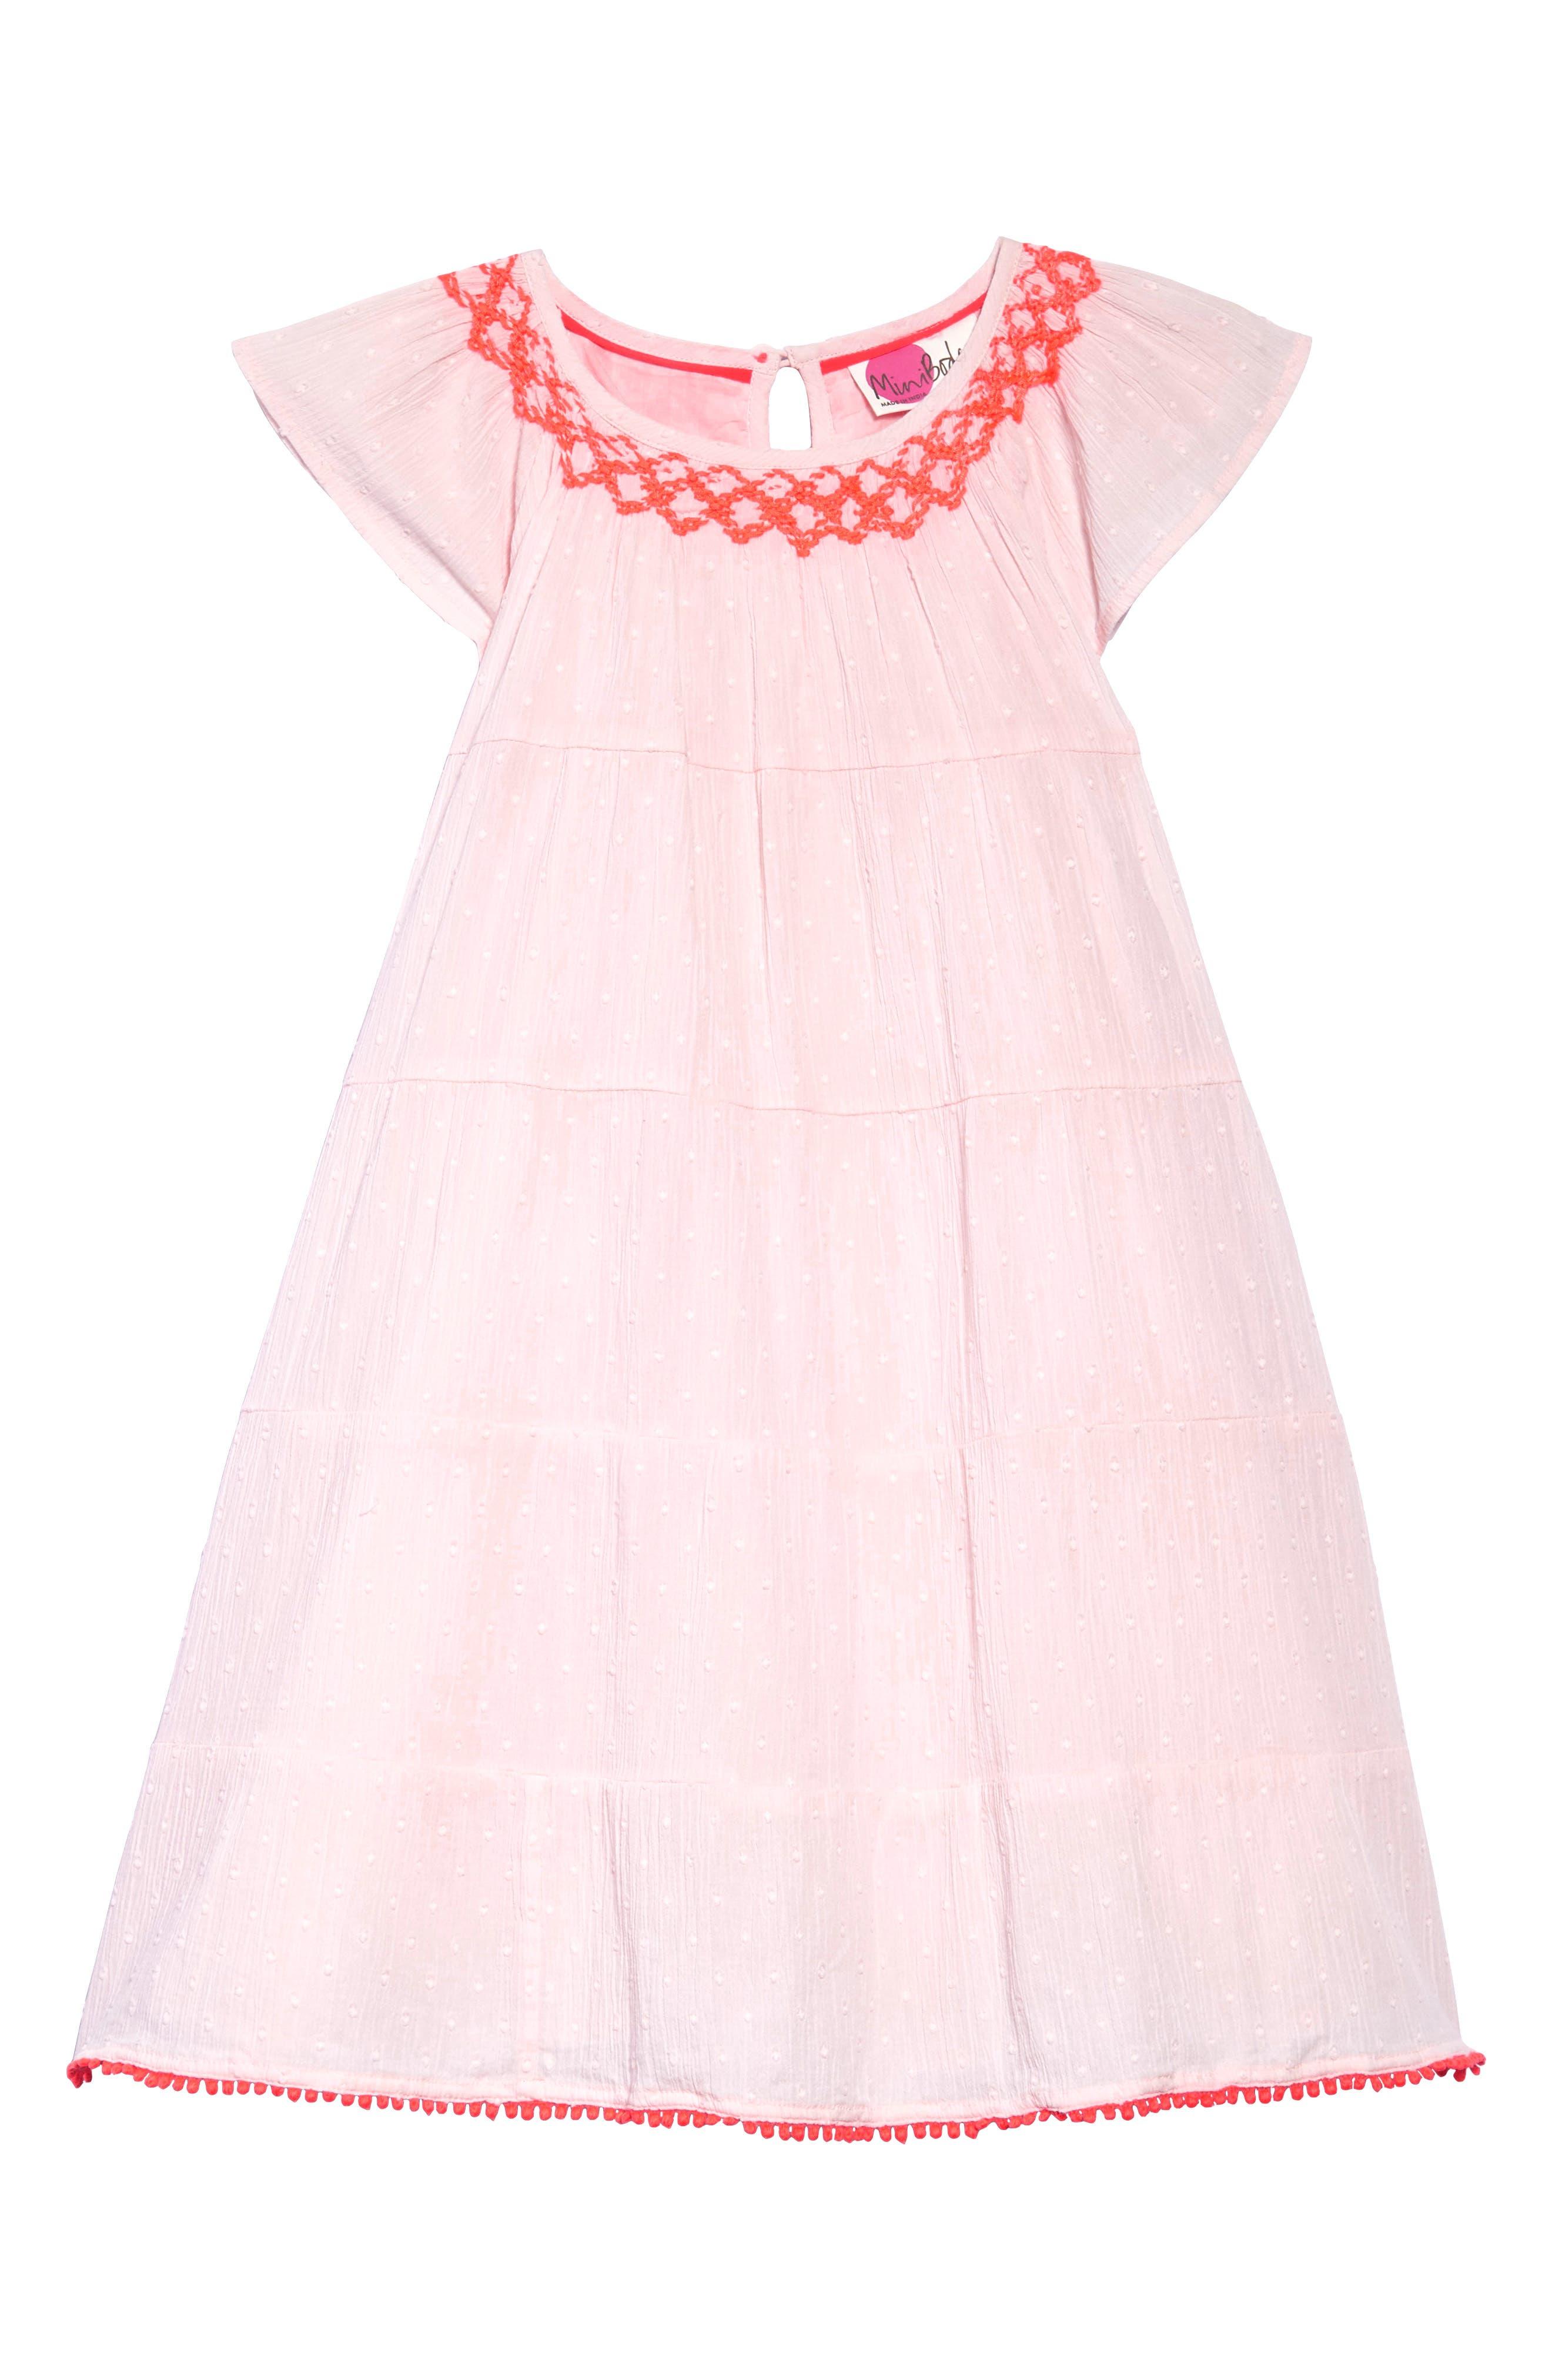 MINI BODEN, Twirly Dress, Main thumbnail 1, color, 684